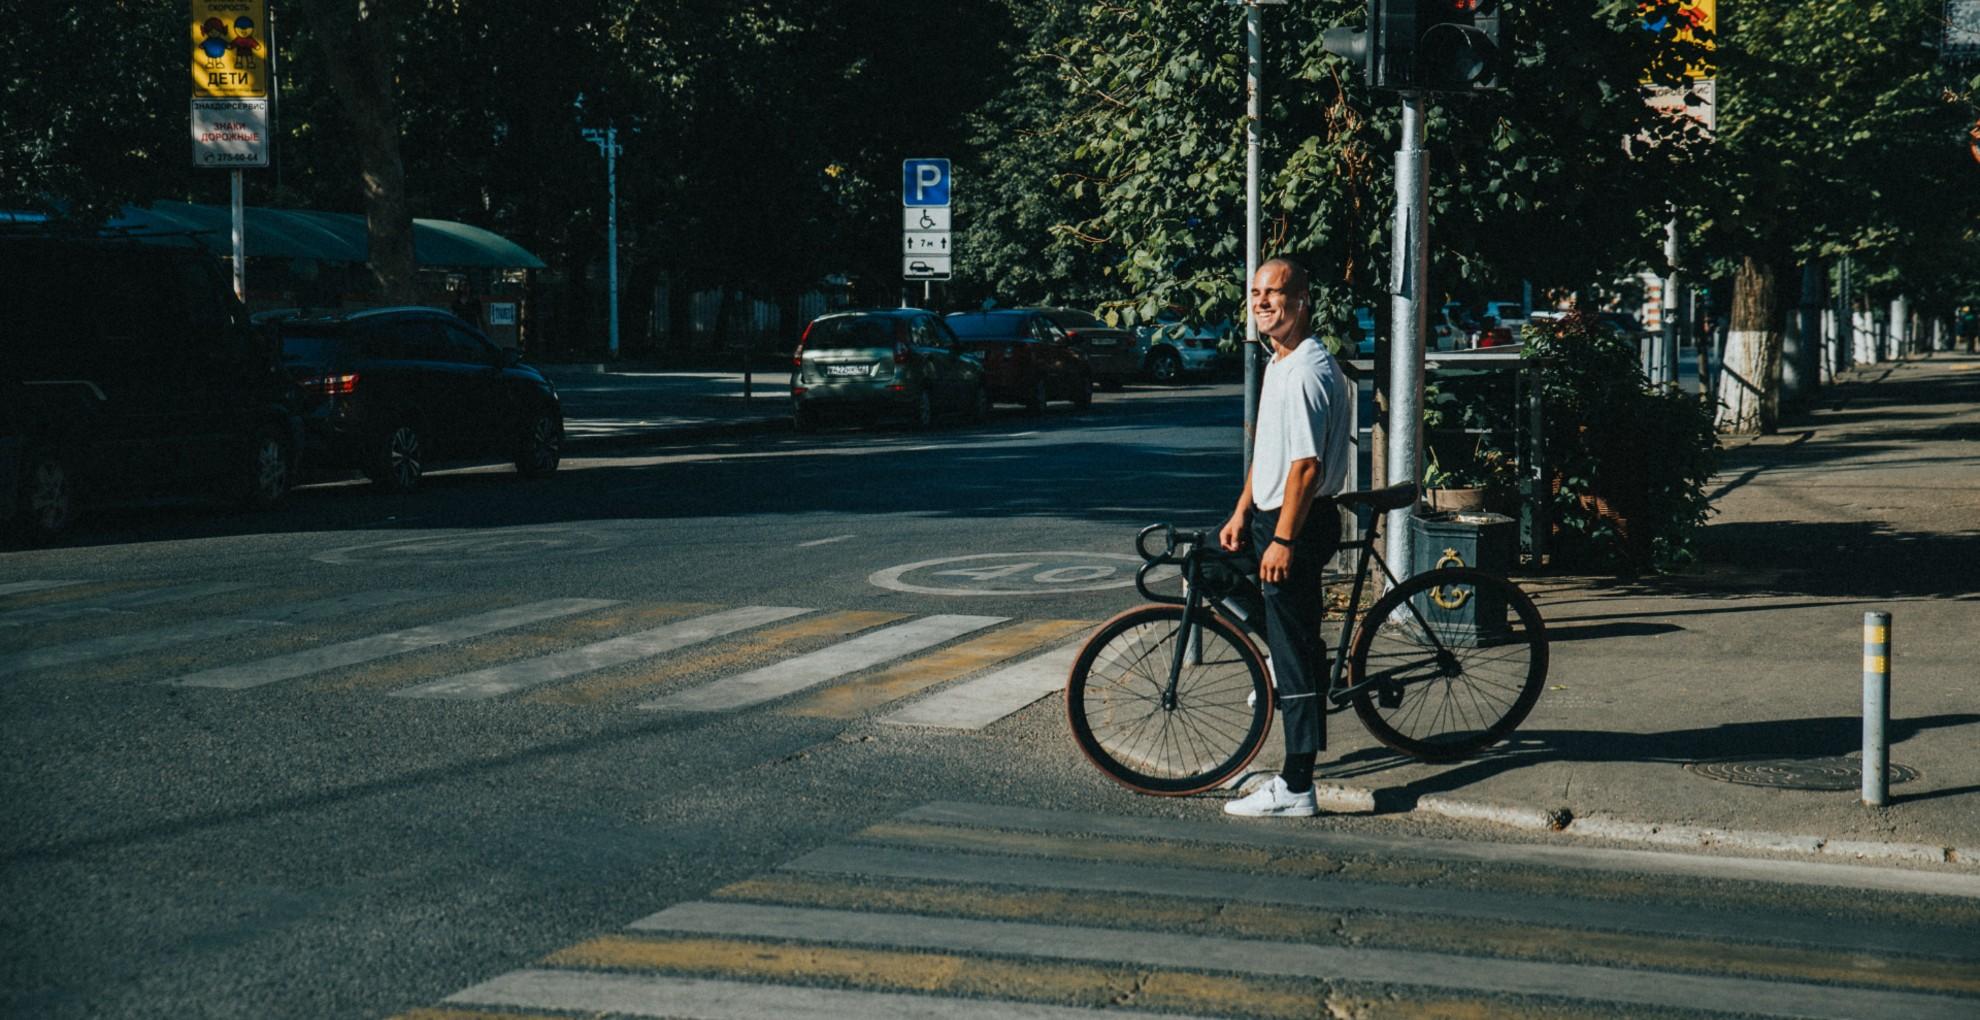 Megverték a biciklistát, mert az úton tekert